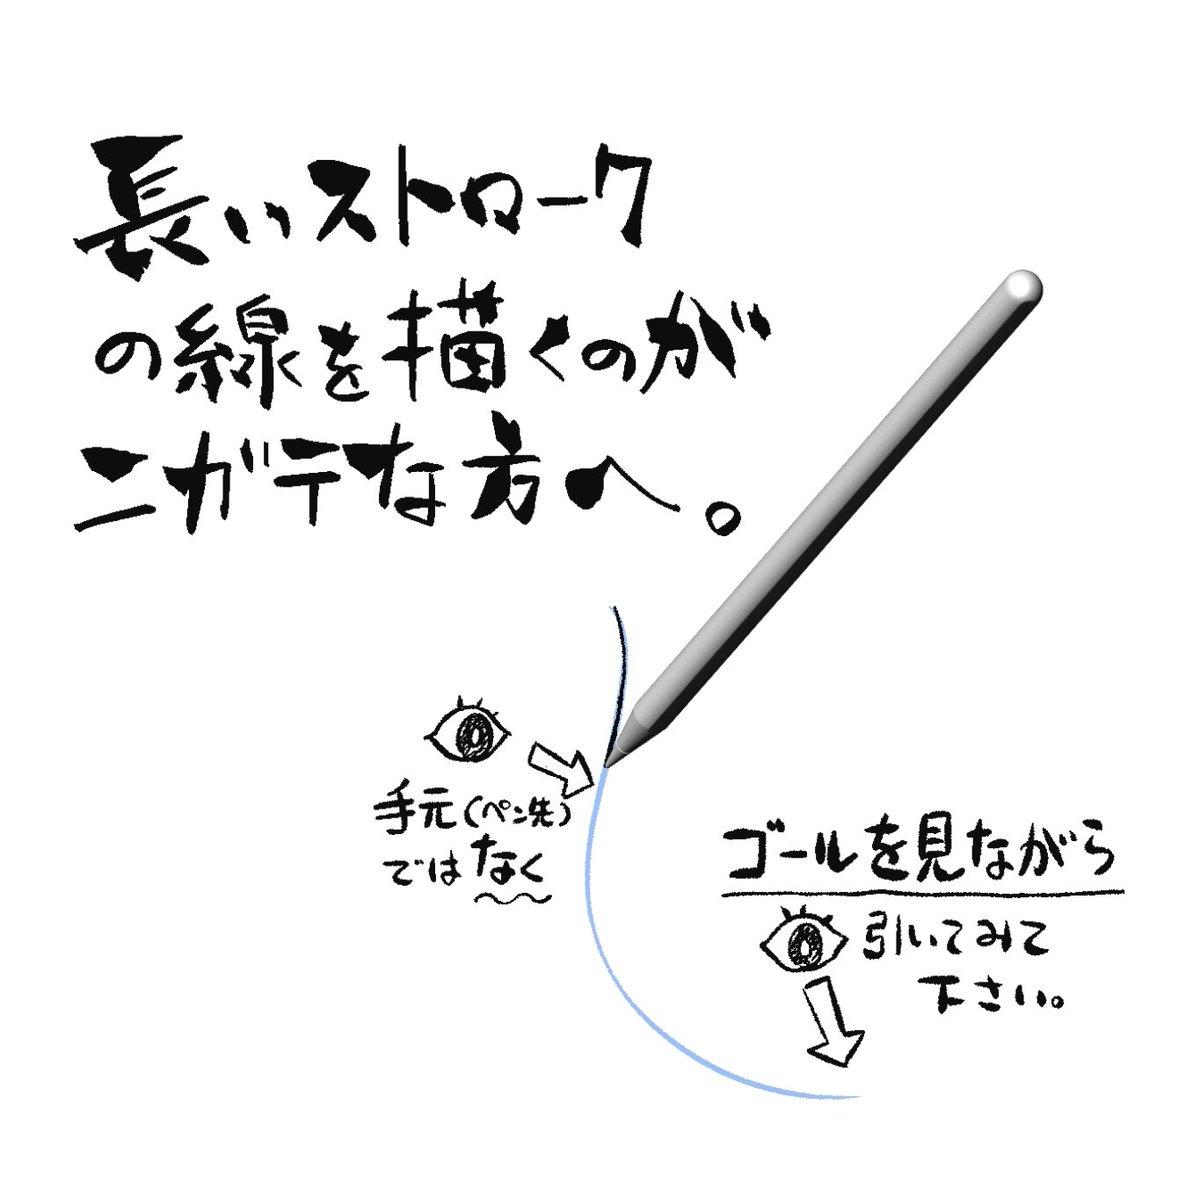 """川村一真@C97 3日目(月) """"南"""" イ-04bさんの投稿画像"""